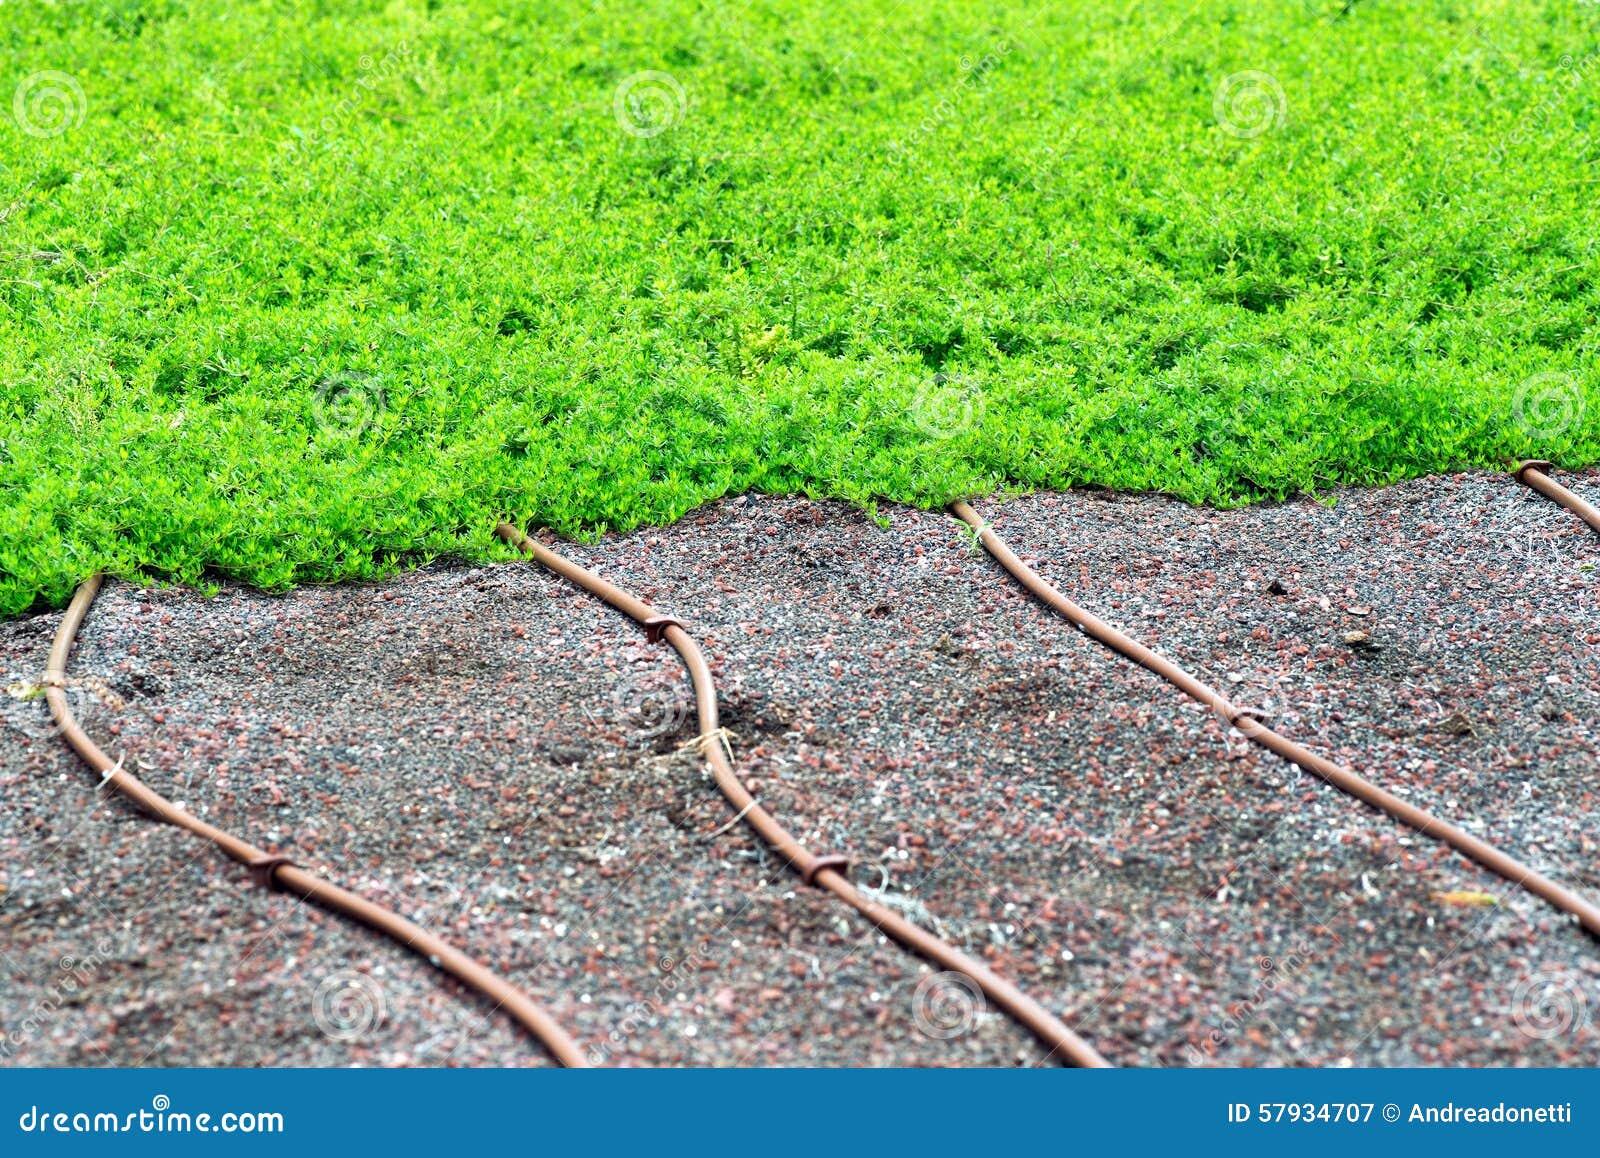 Tubi di irrigazione su un prato inglese o su un tappeto for Tappeto erboso prezzi